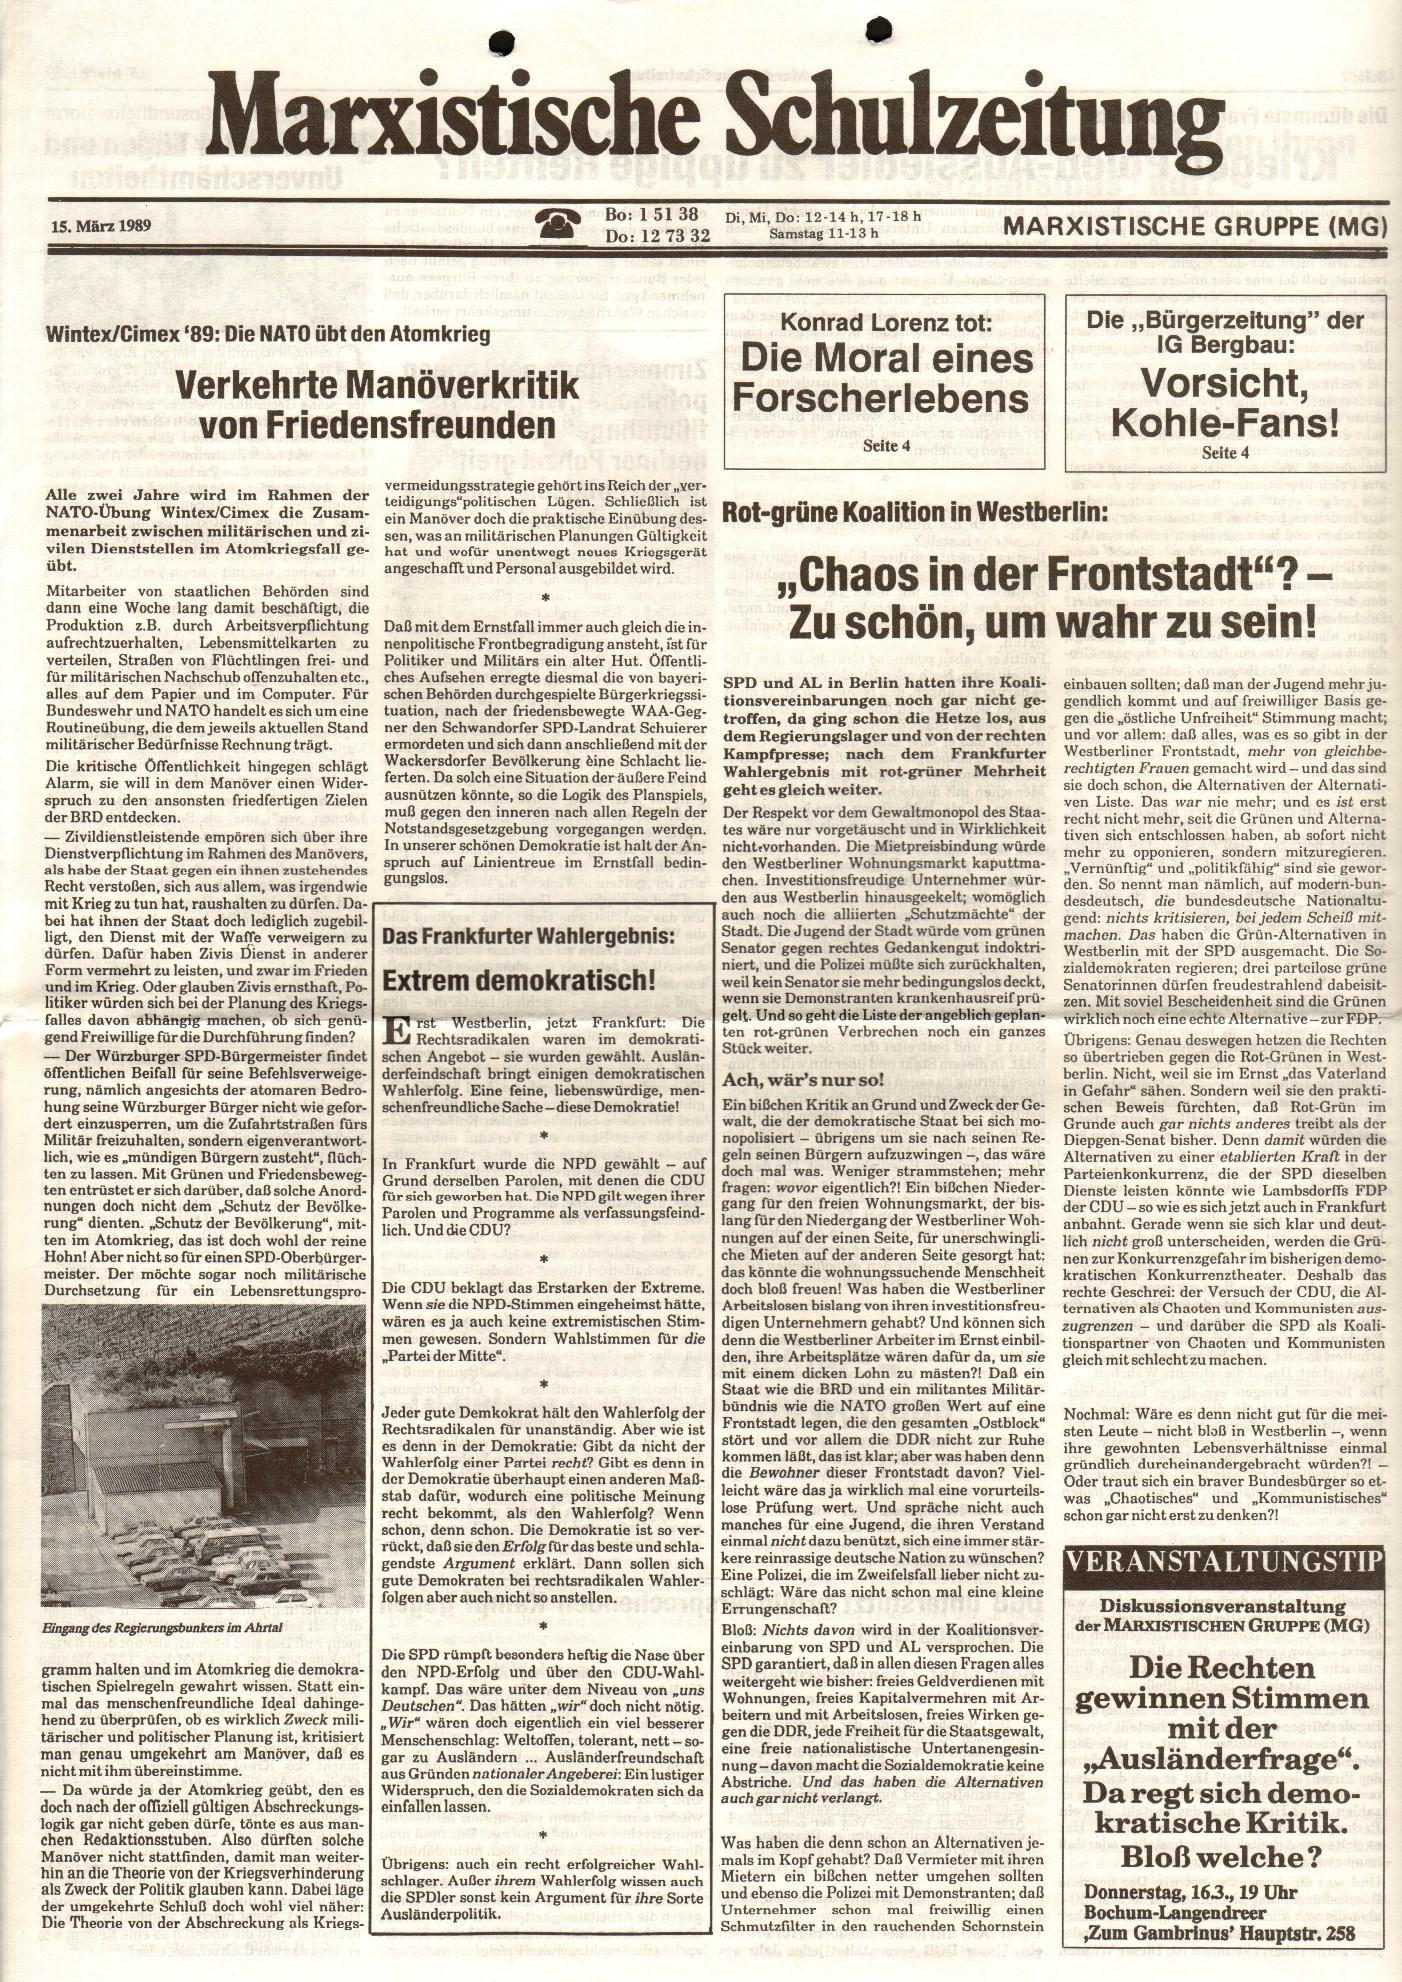 Ruhrgebiet_MG_Marxistische_Schulzeitung_19890315_01